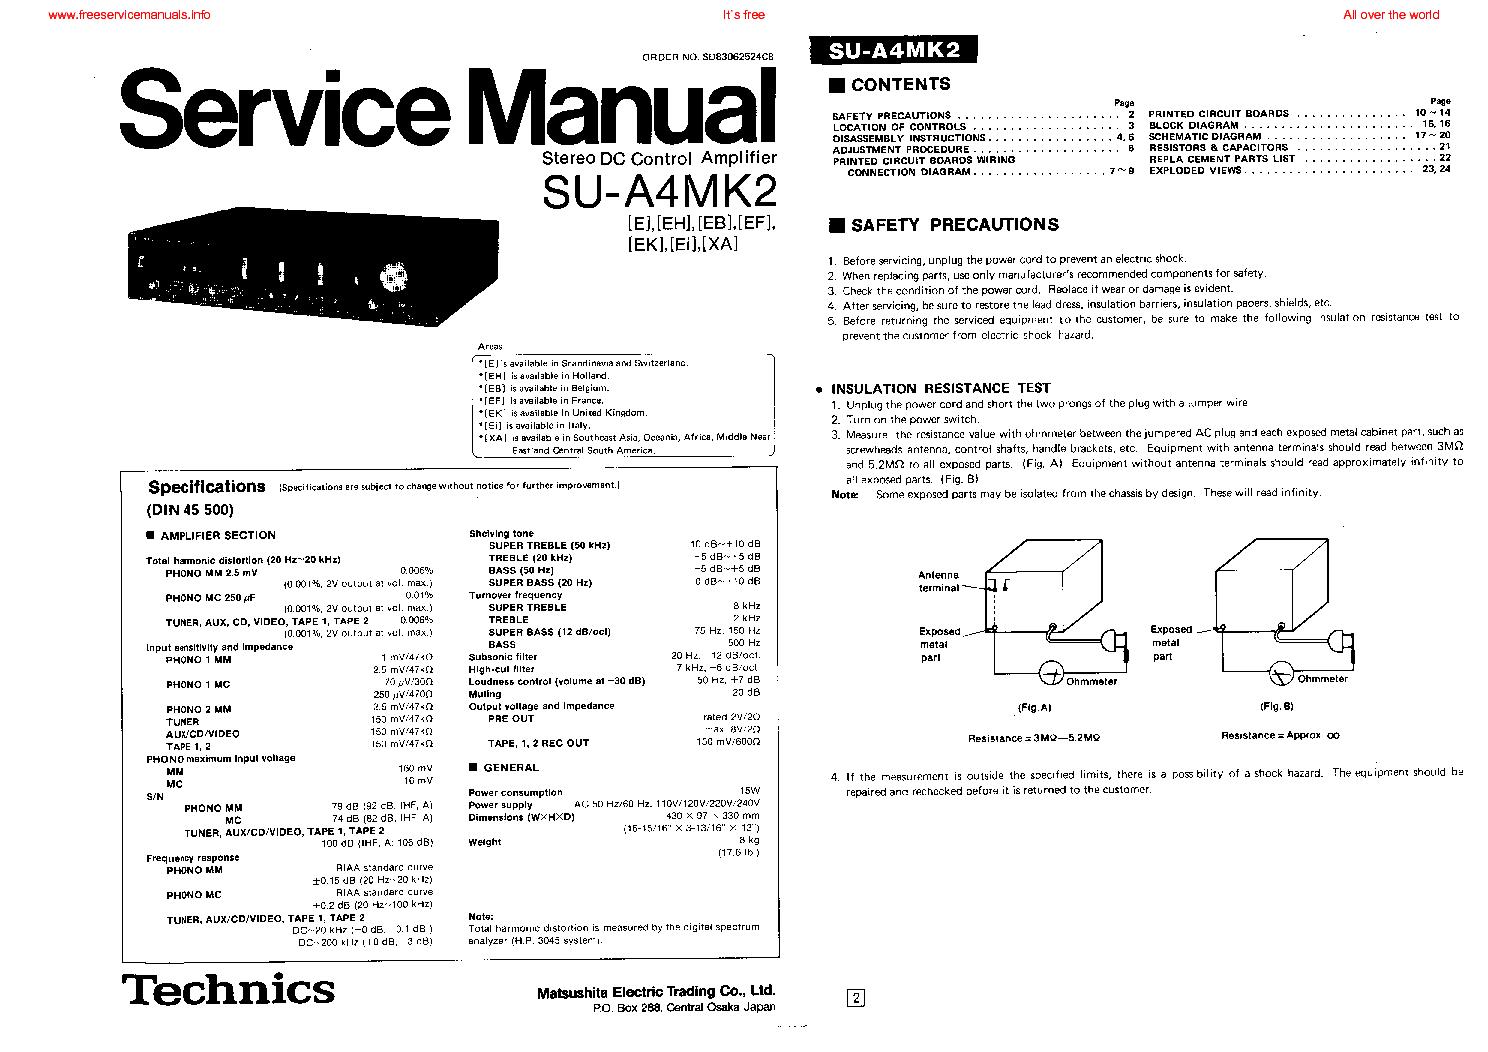 TECHNICS SU-A4 MK2 SM service manual (1st page)